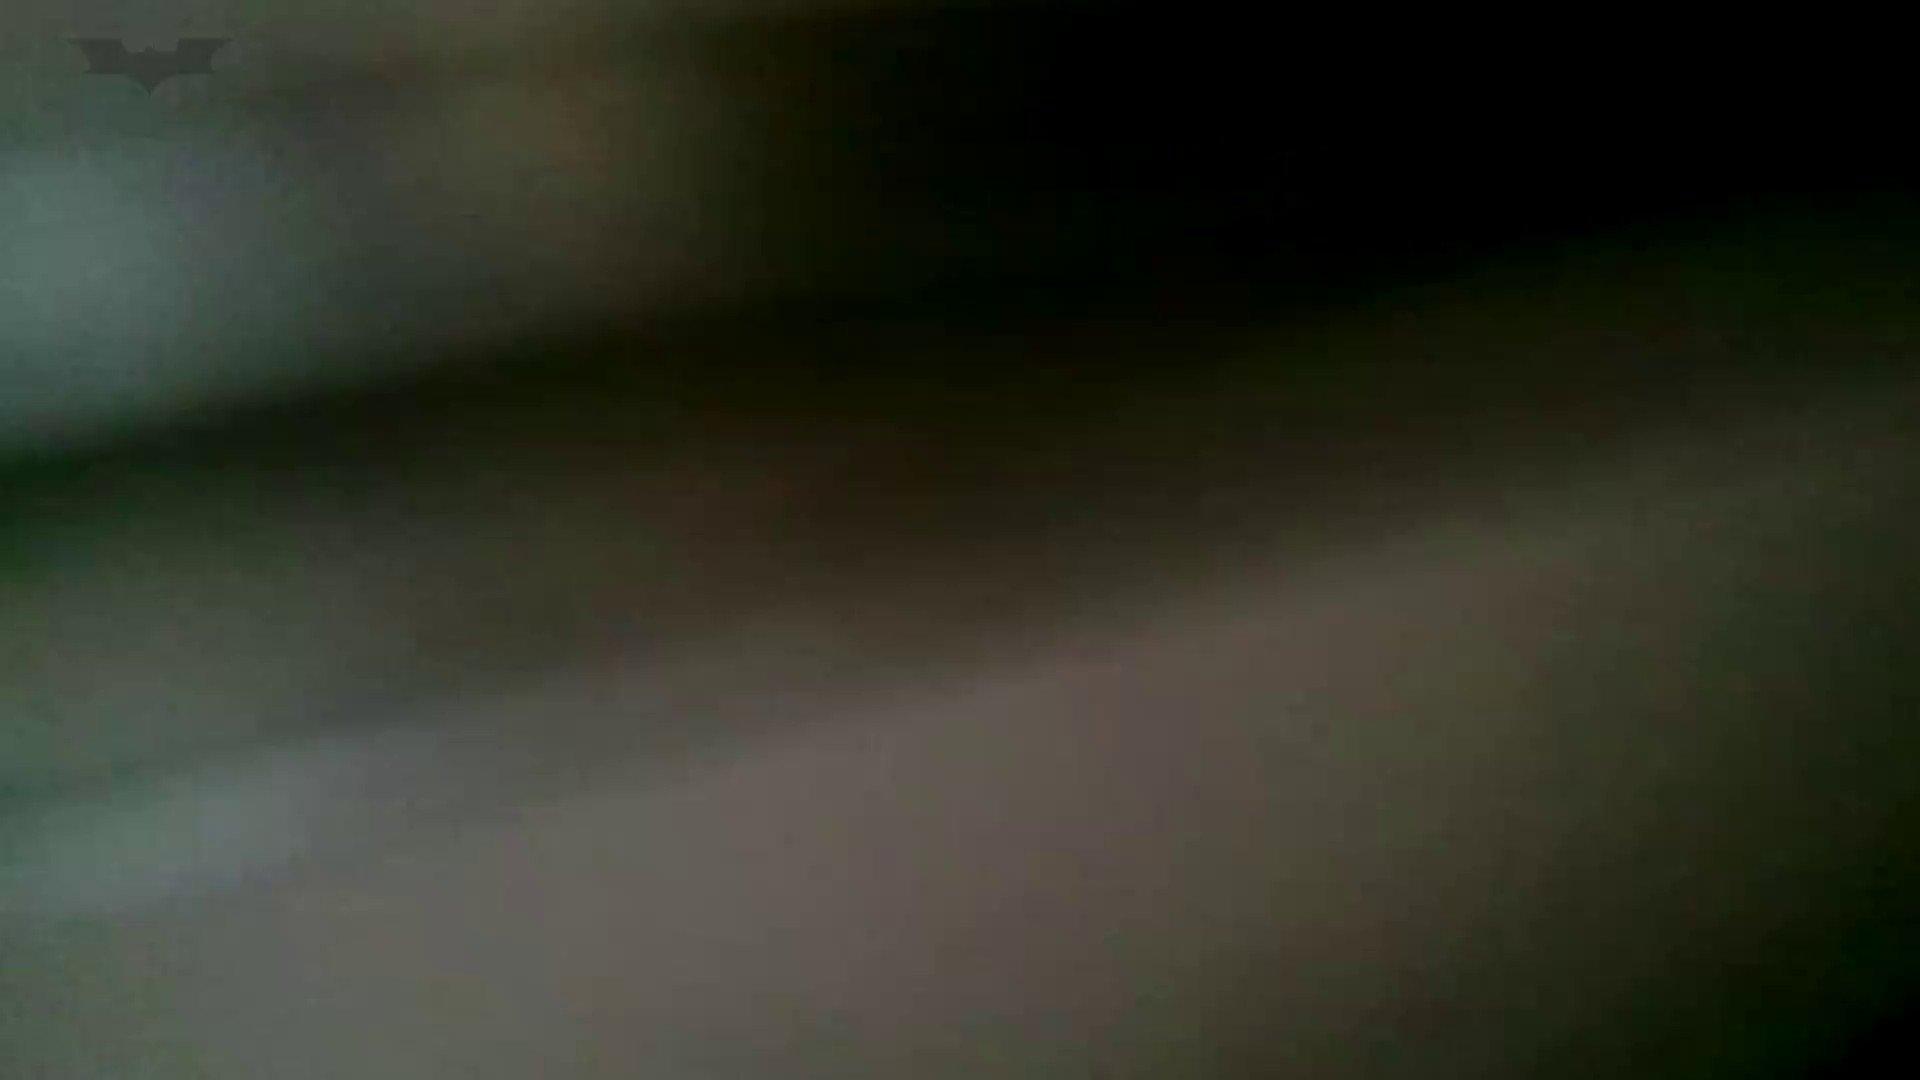 化粧室絵巻 番外編 VOL.24 細身女性 ワレメ動画紹介 71画像 10